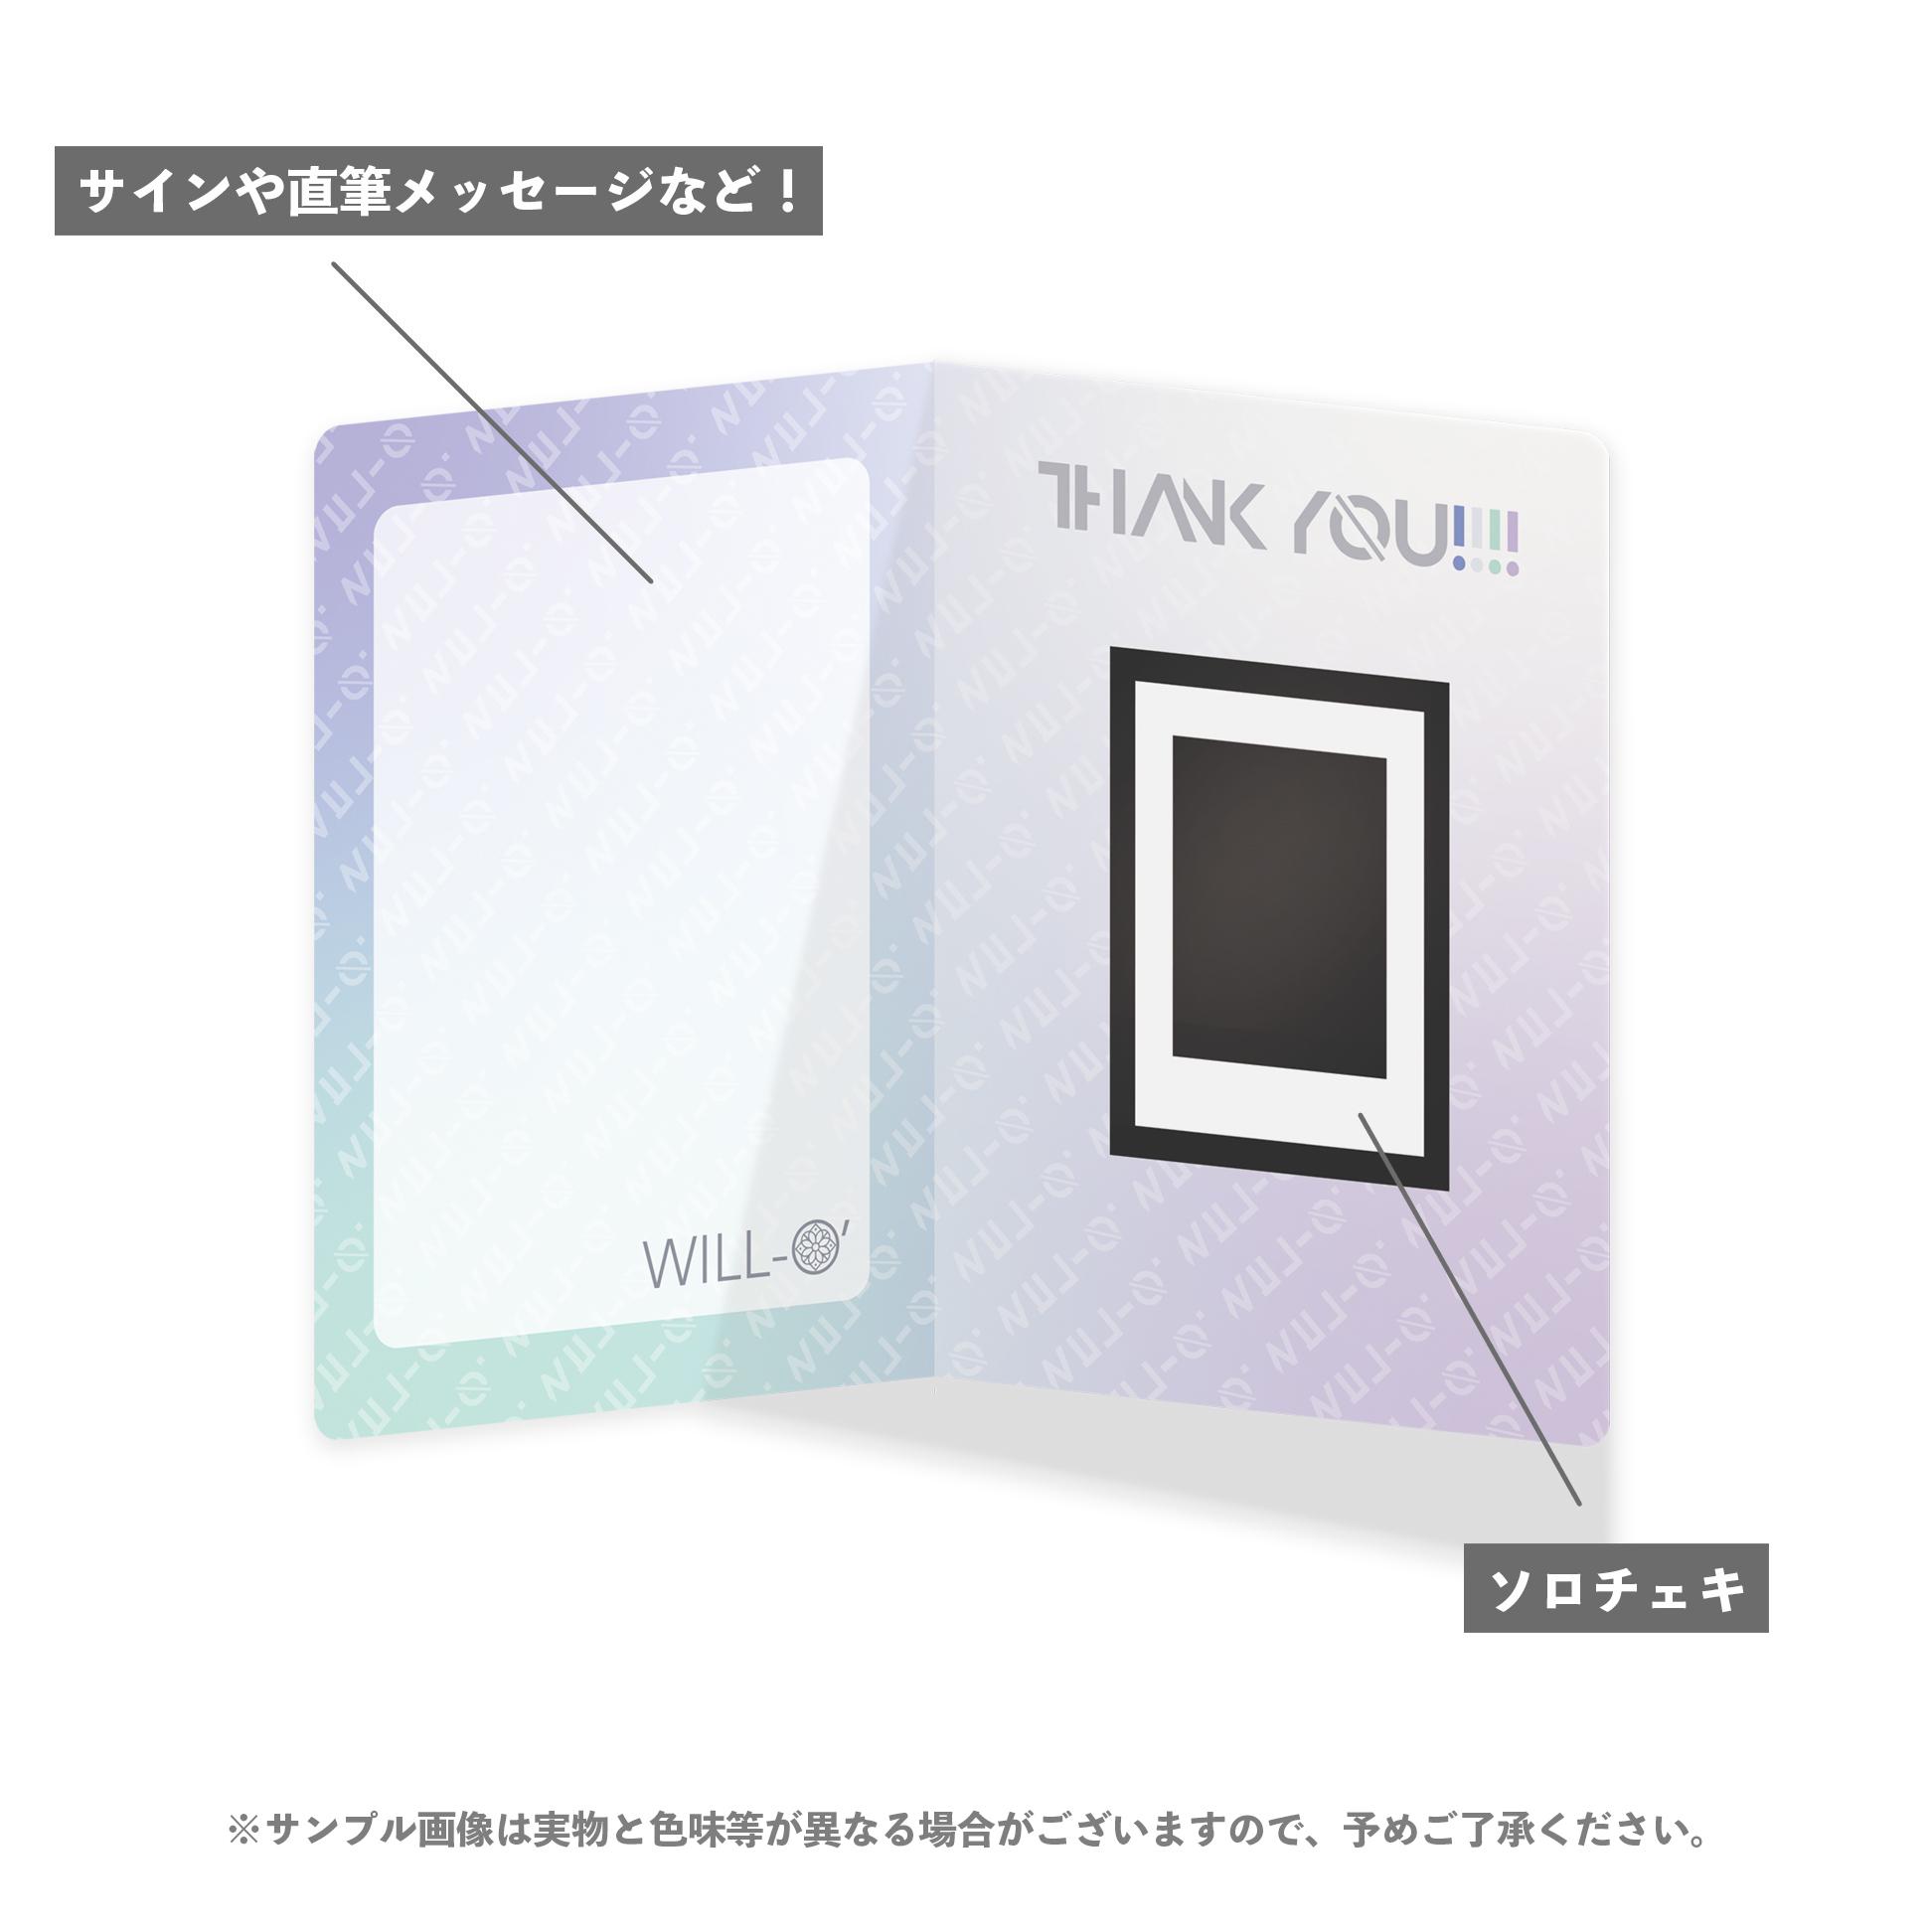 【佐伯つみき】FC限定/特製カードボードつきソロチェキ(ツアー開催記念)